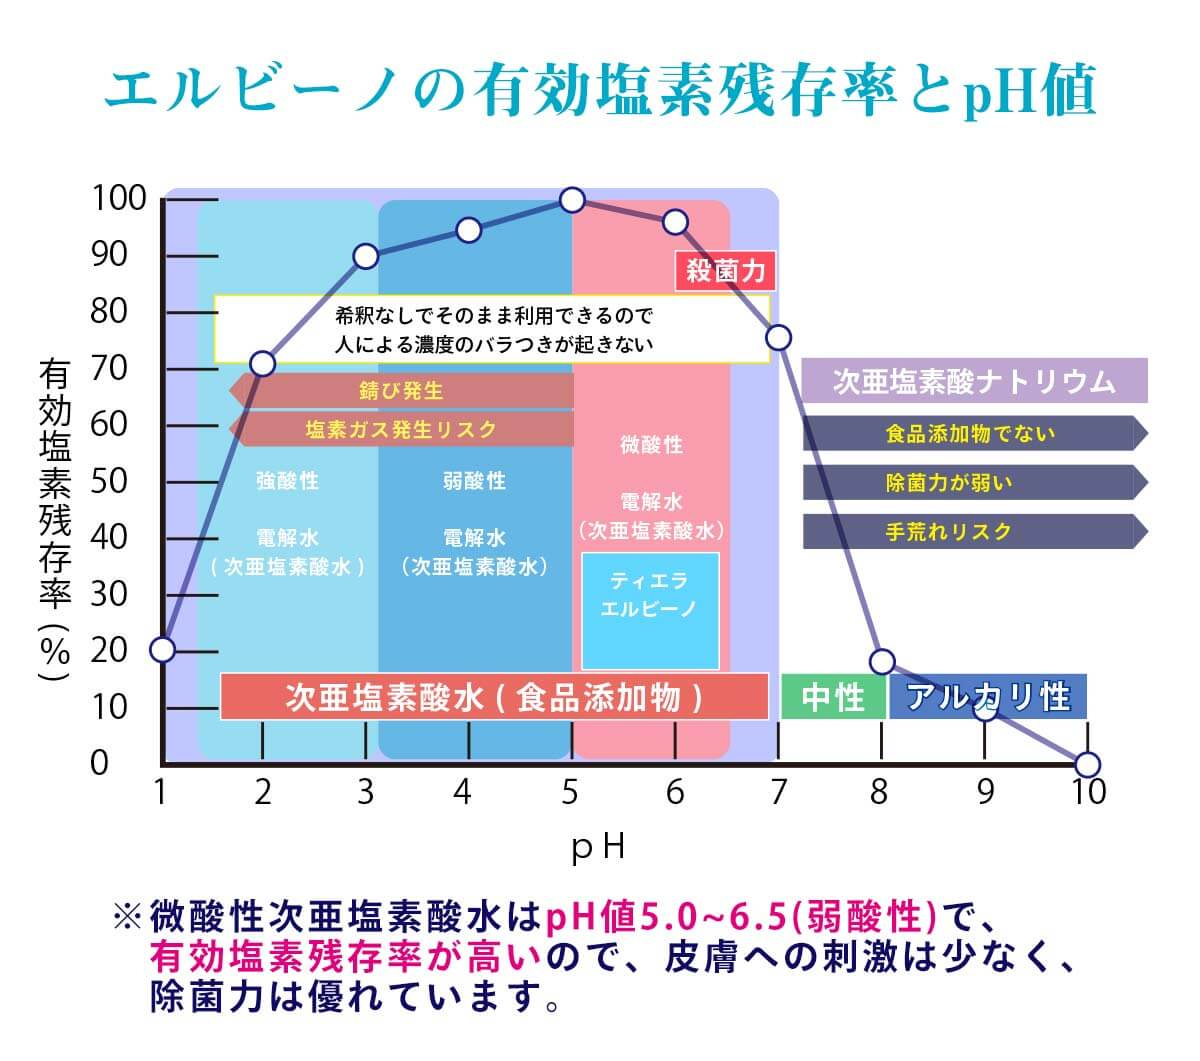 エルビーノの有効塩素残存率とpH値 ※微酸性次亜塩素酸水はpH値5.0~6.5(弱酸性)で、  有効塩素残存率が高いので、皮膚への刺激は少なく、  除菌力は優れています。